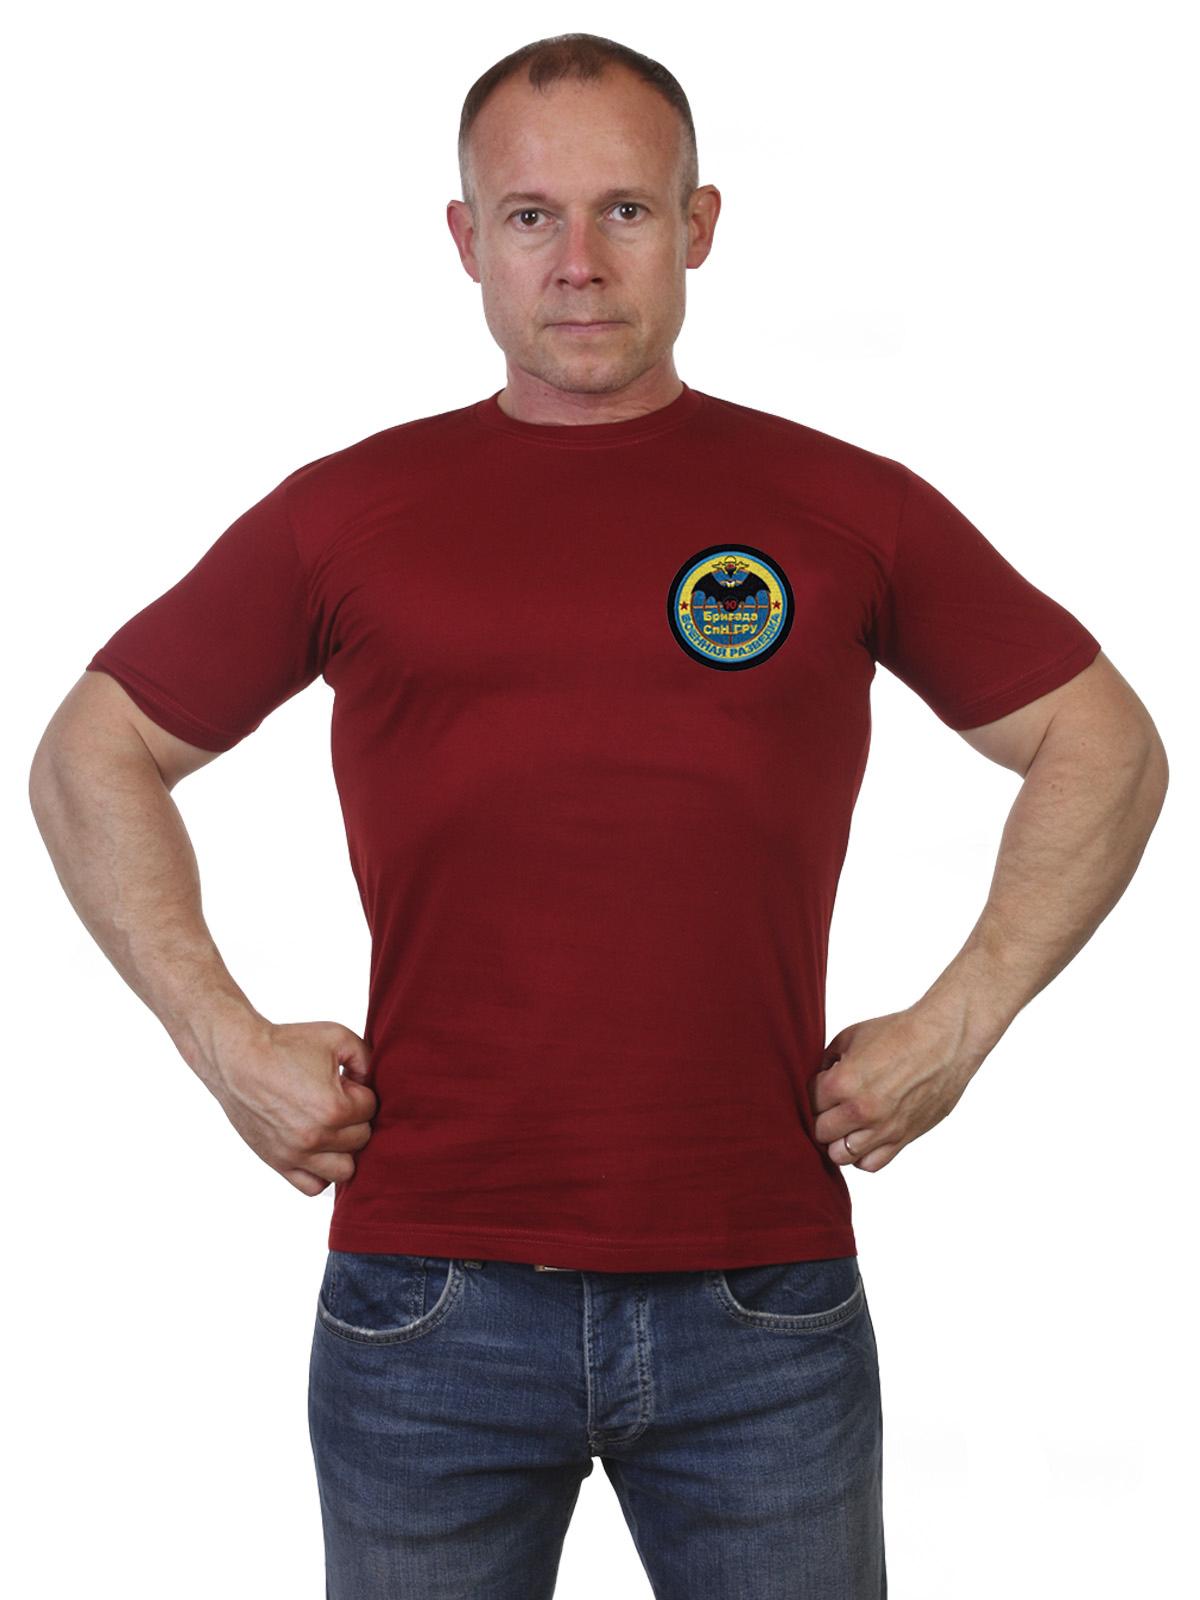 Мужские футболки и другая одежда с символикой Спецназа ГРУ